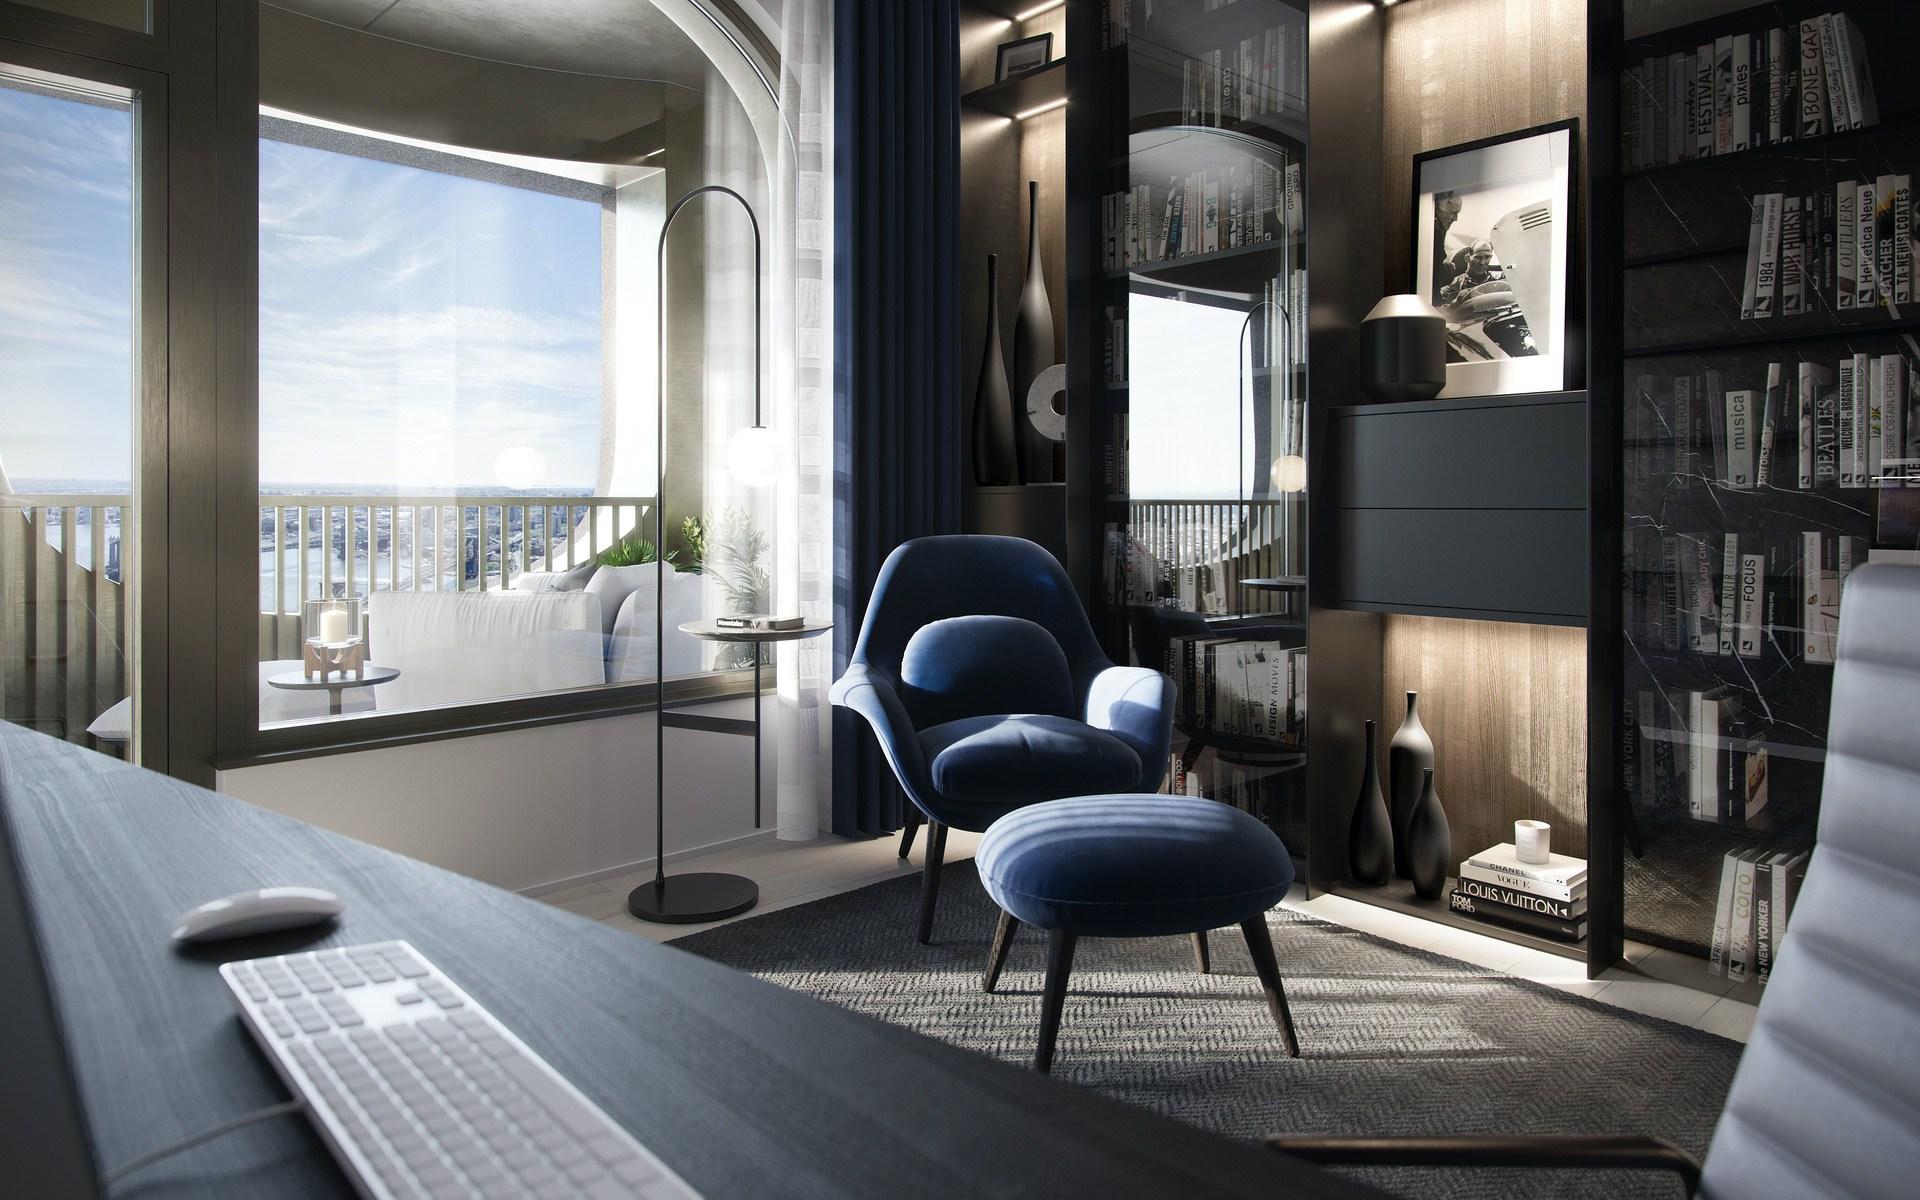 Aston_Martin_NY_Apartments_0018